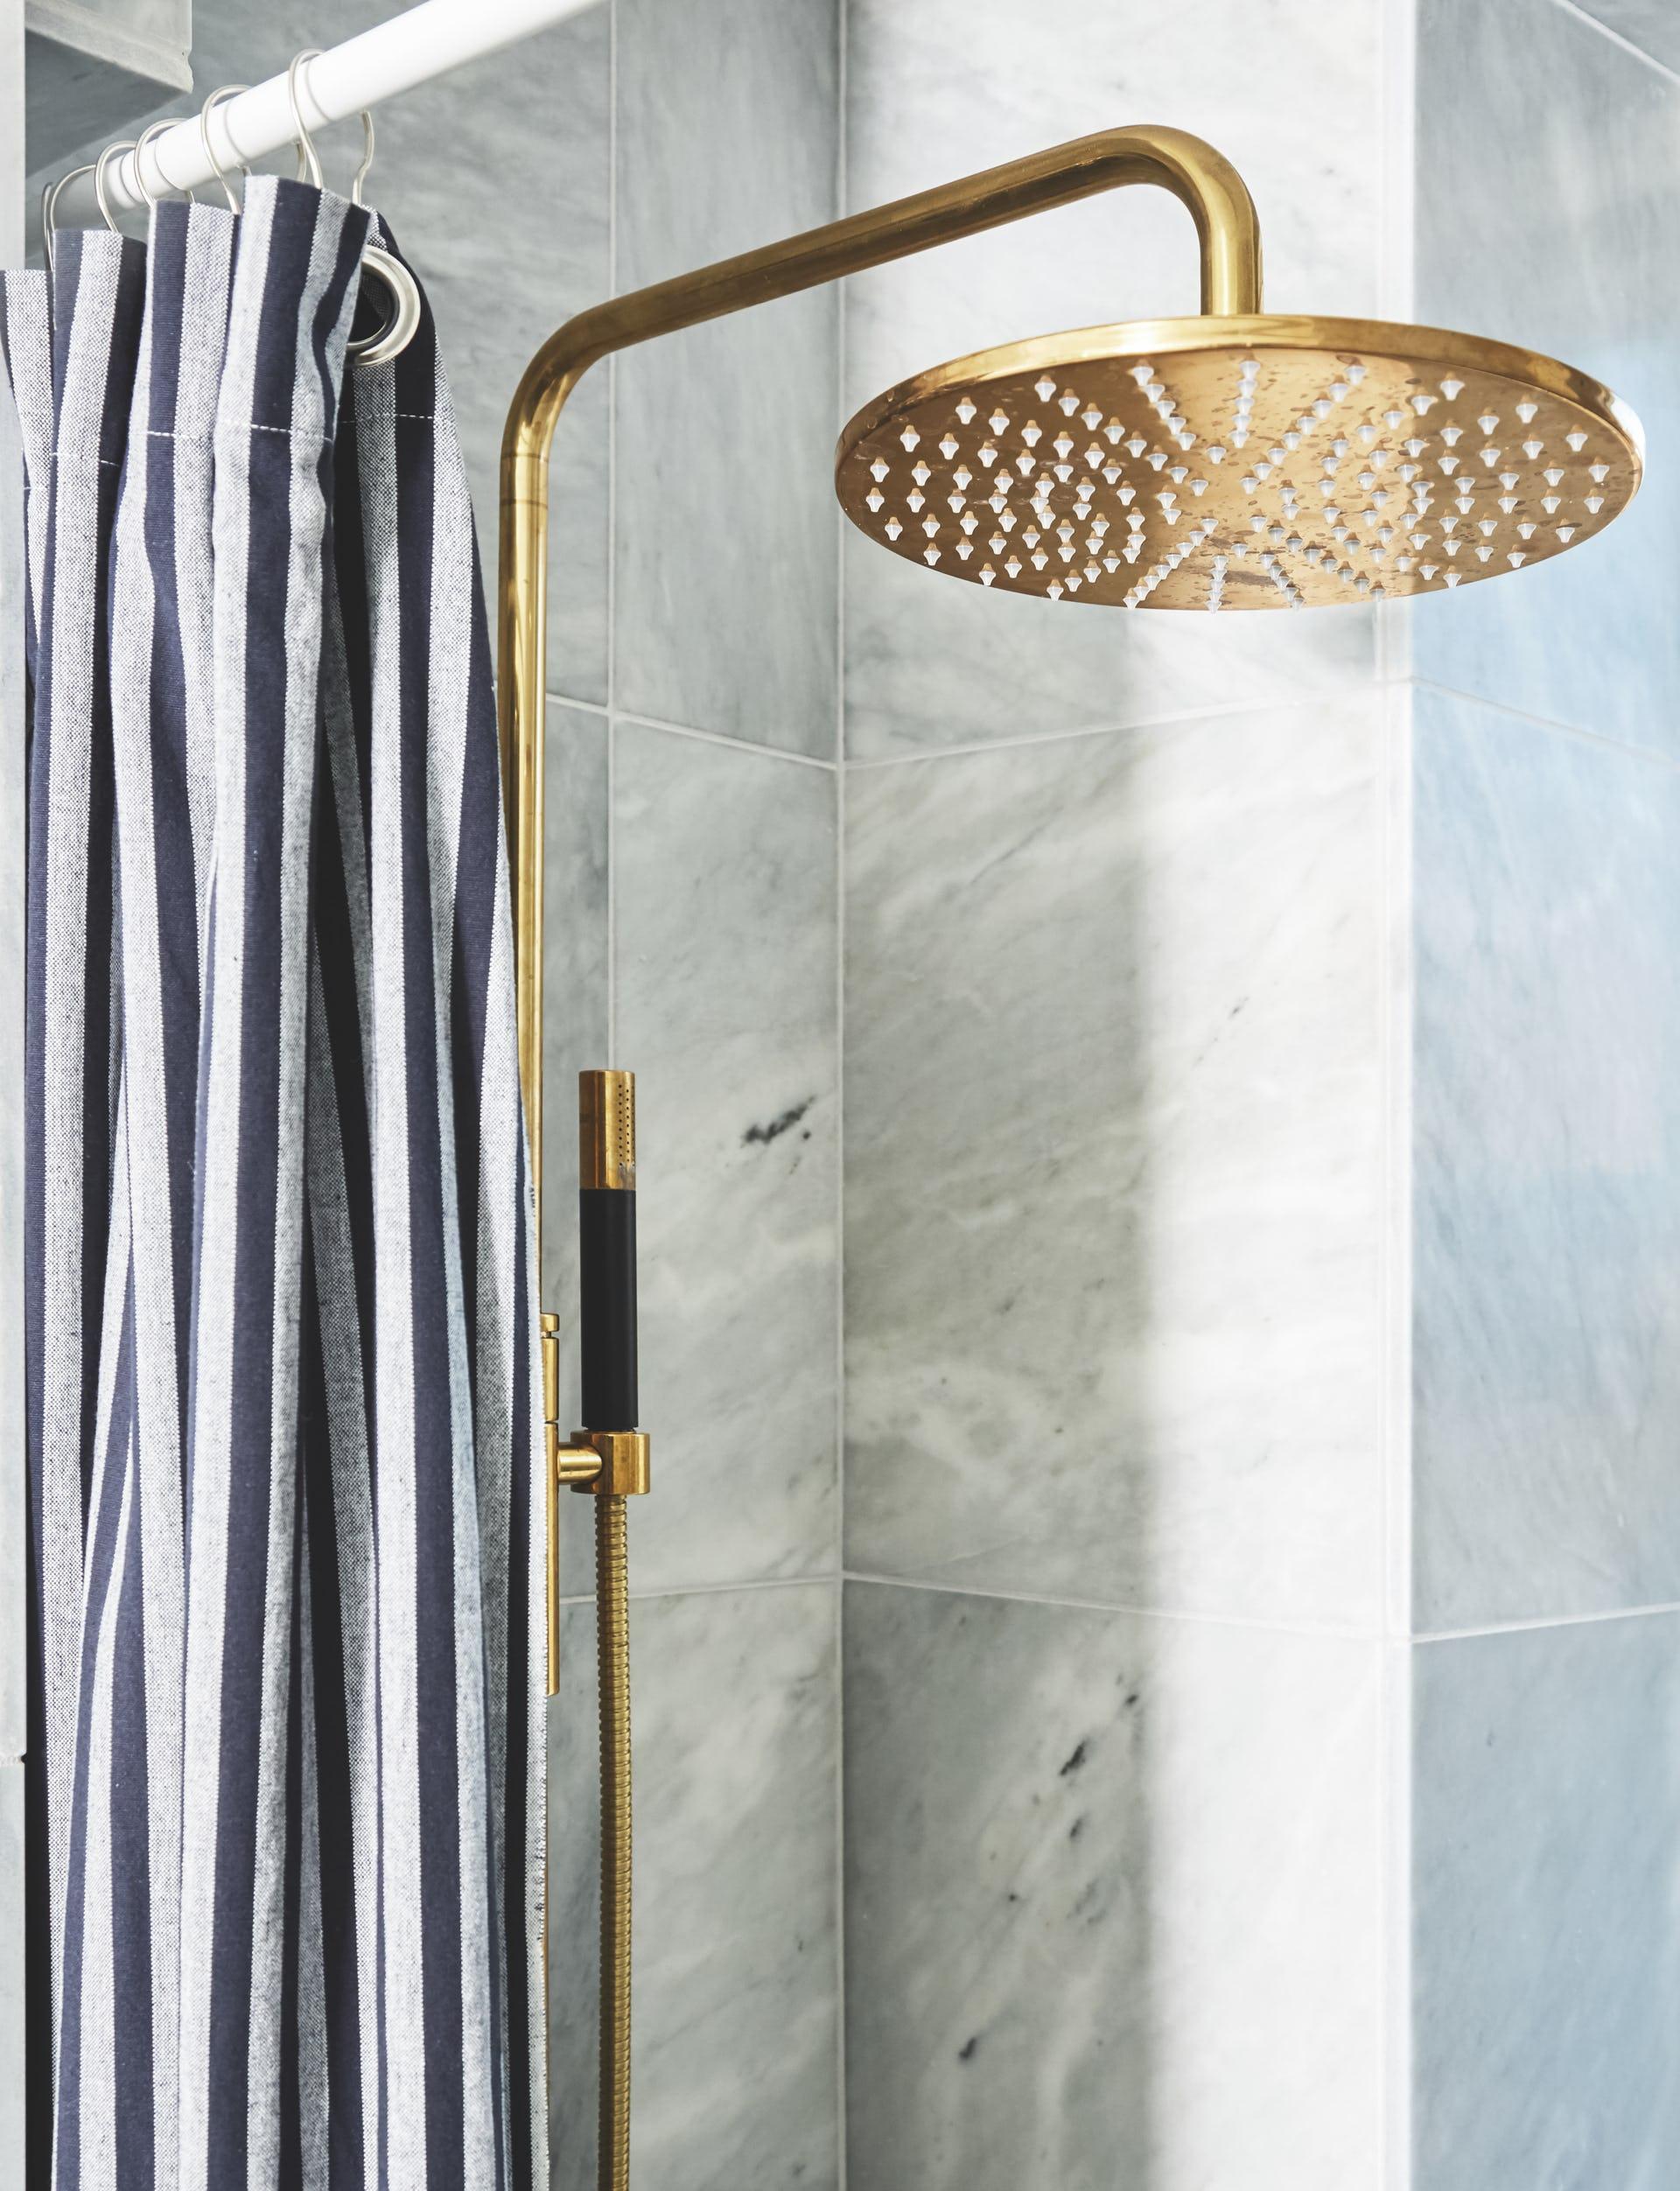 cải tạo nhà tắm thành spa tại gia elledecoration vn 3